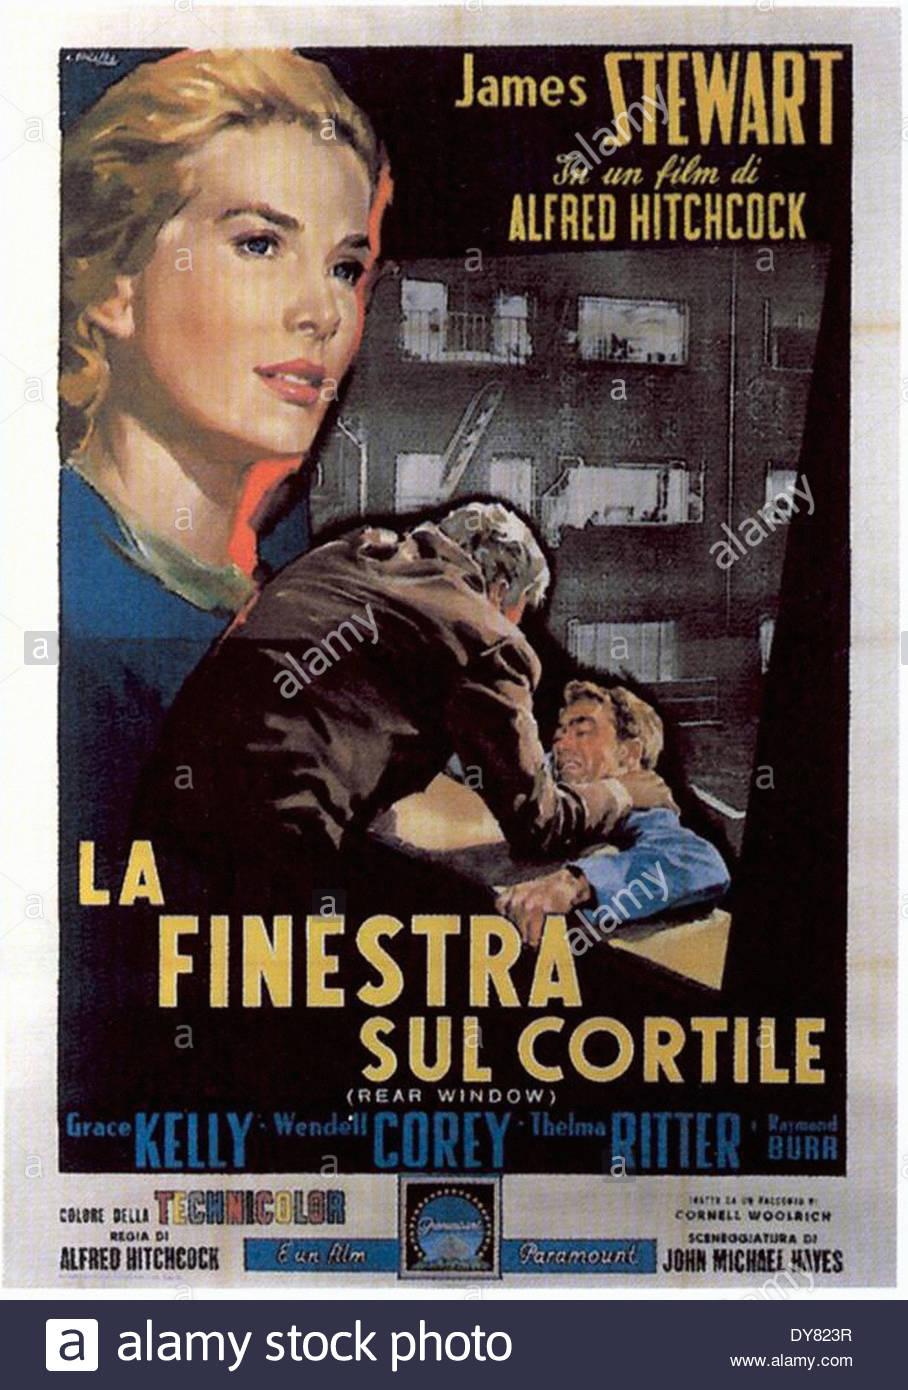 Rear window italian movie poster la finestra sul cortile stock photo 68404107 alamy - La finestra sul cortile sciacca ...